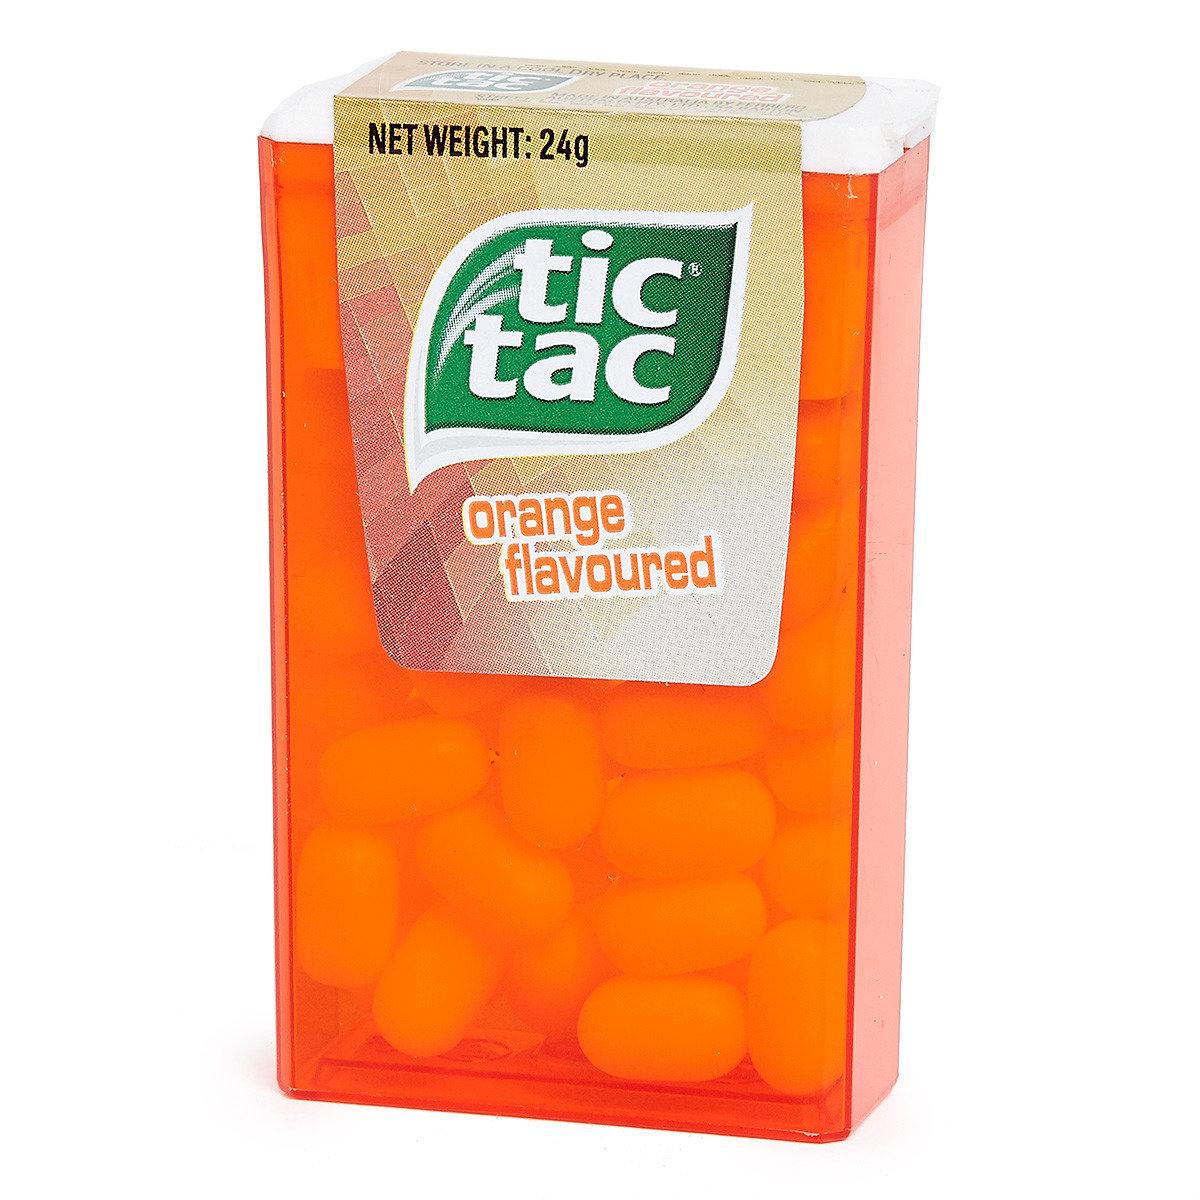 啲嗒糖 - 香橙味